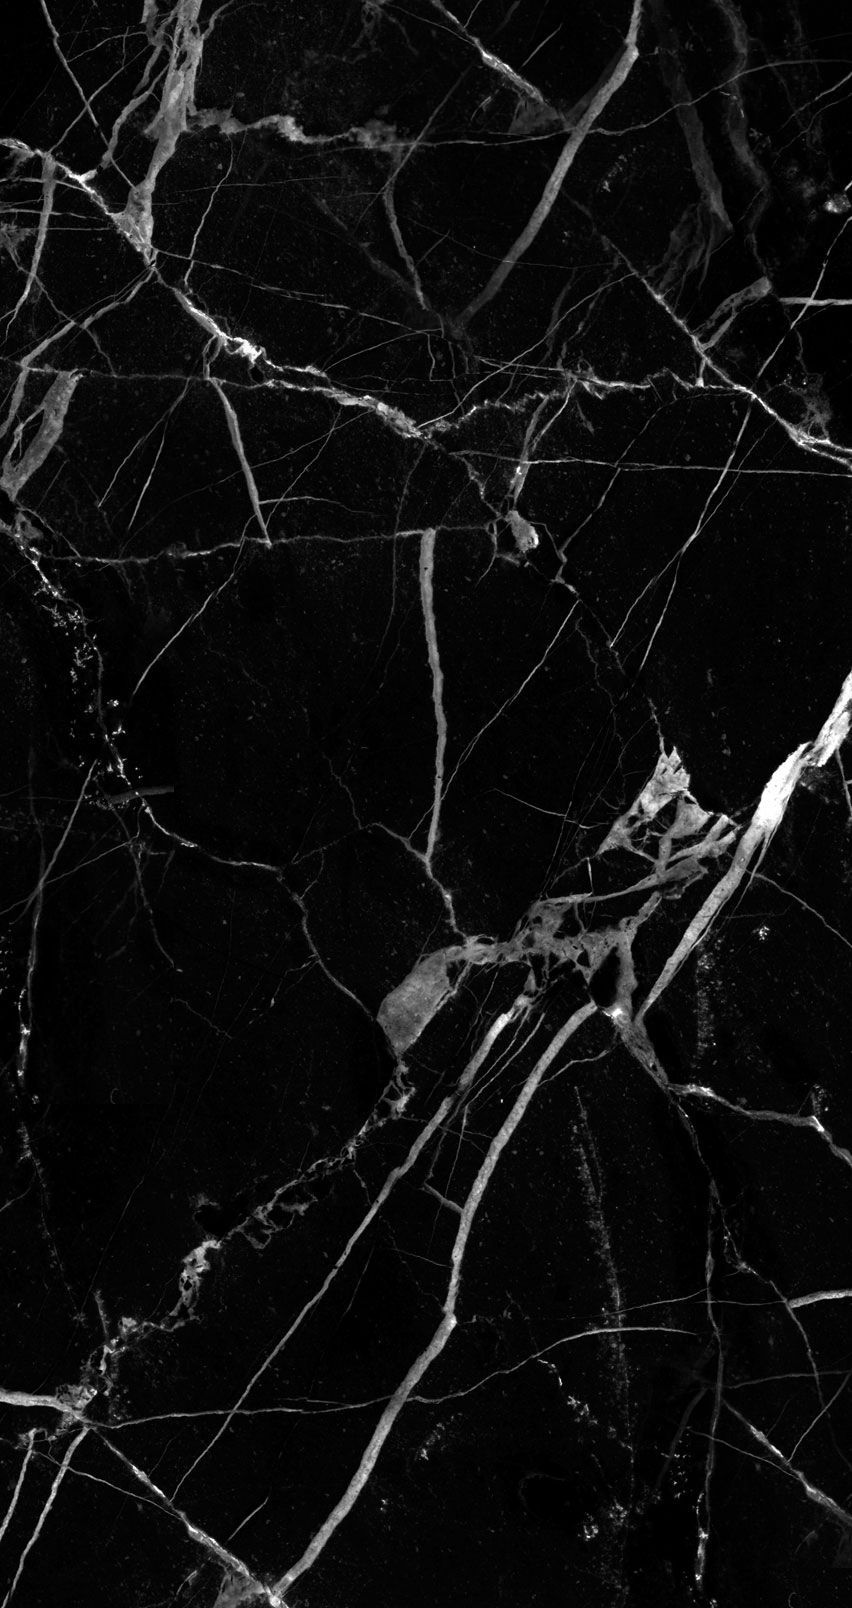 Black Marble Desktop Wallpapers - Top Free Black Marble ...